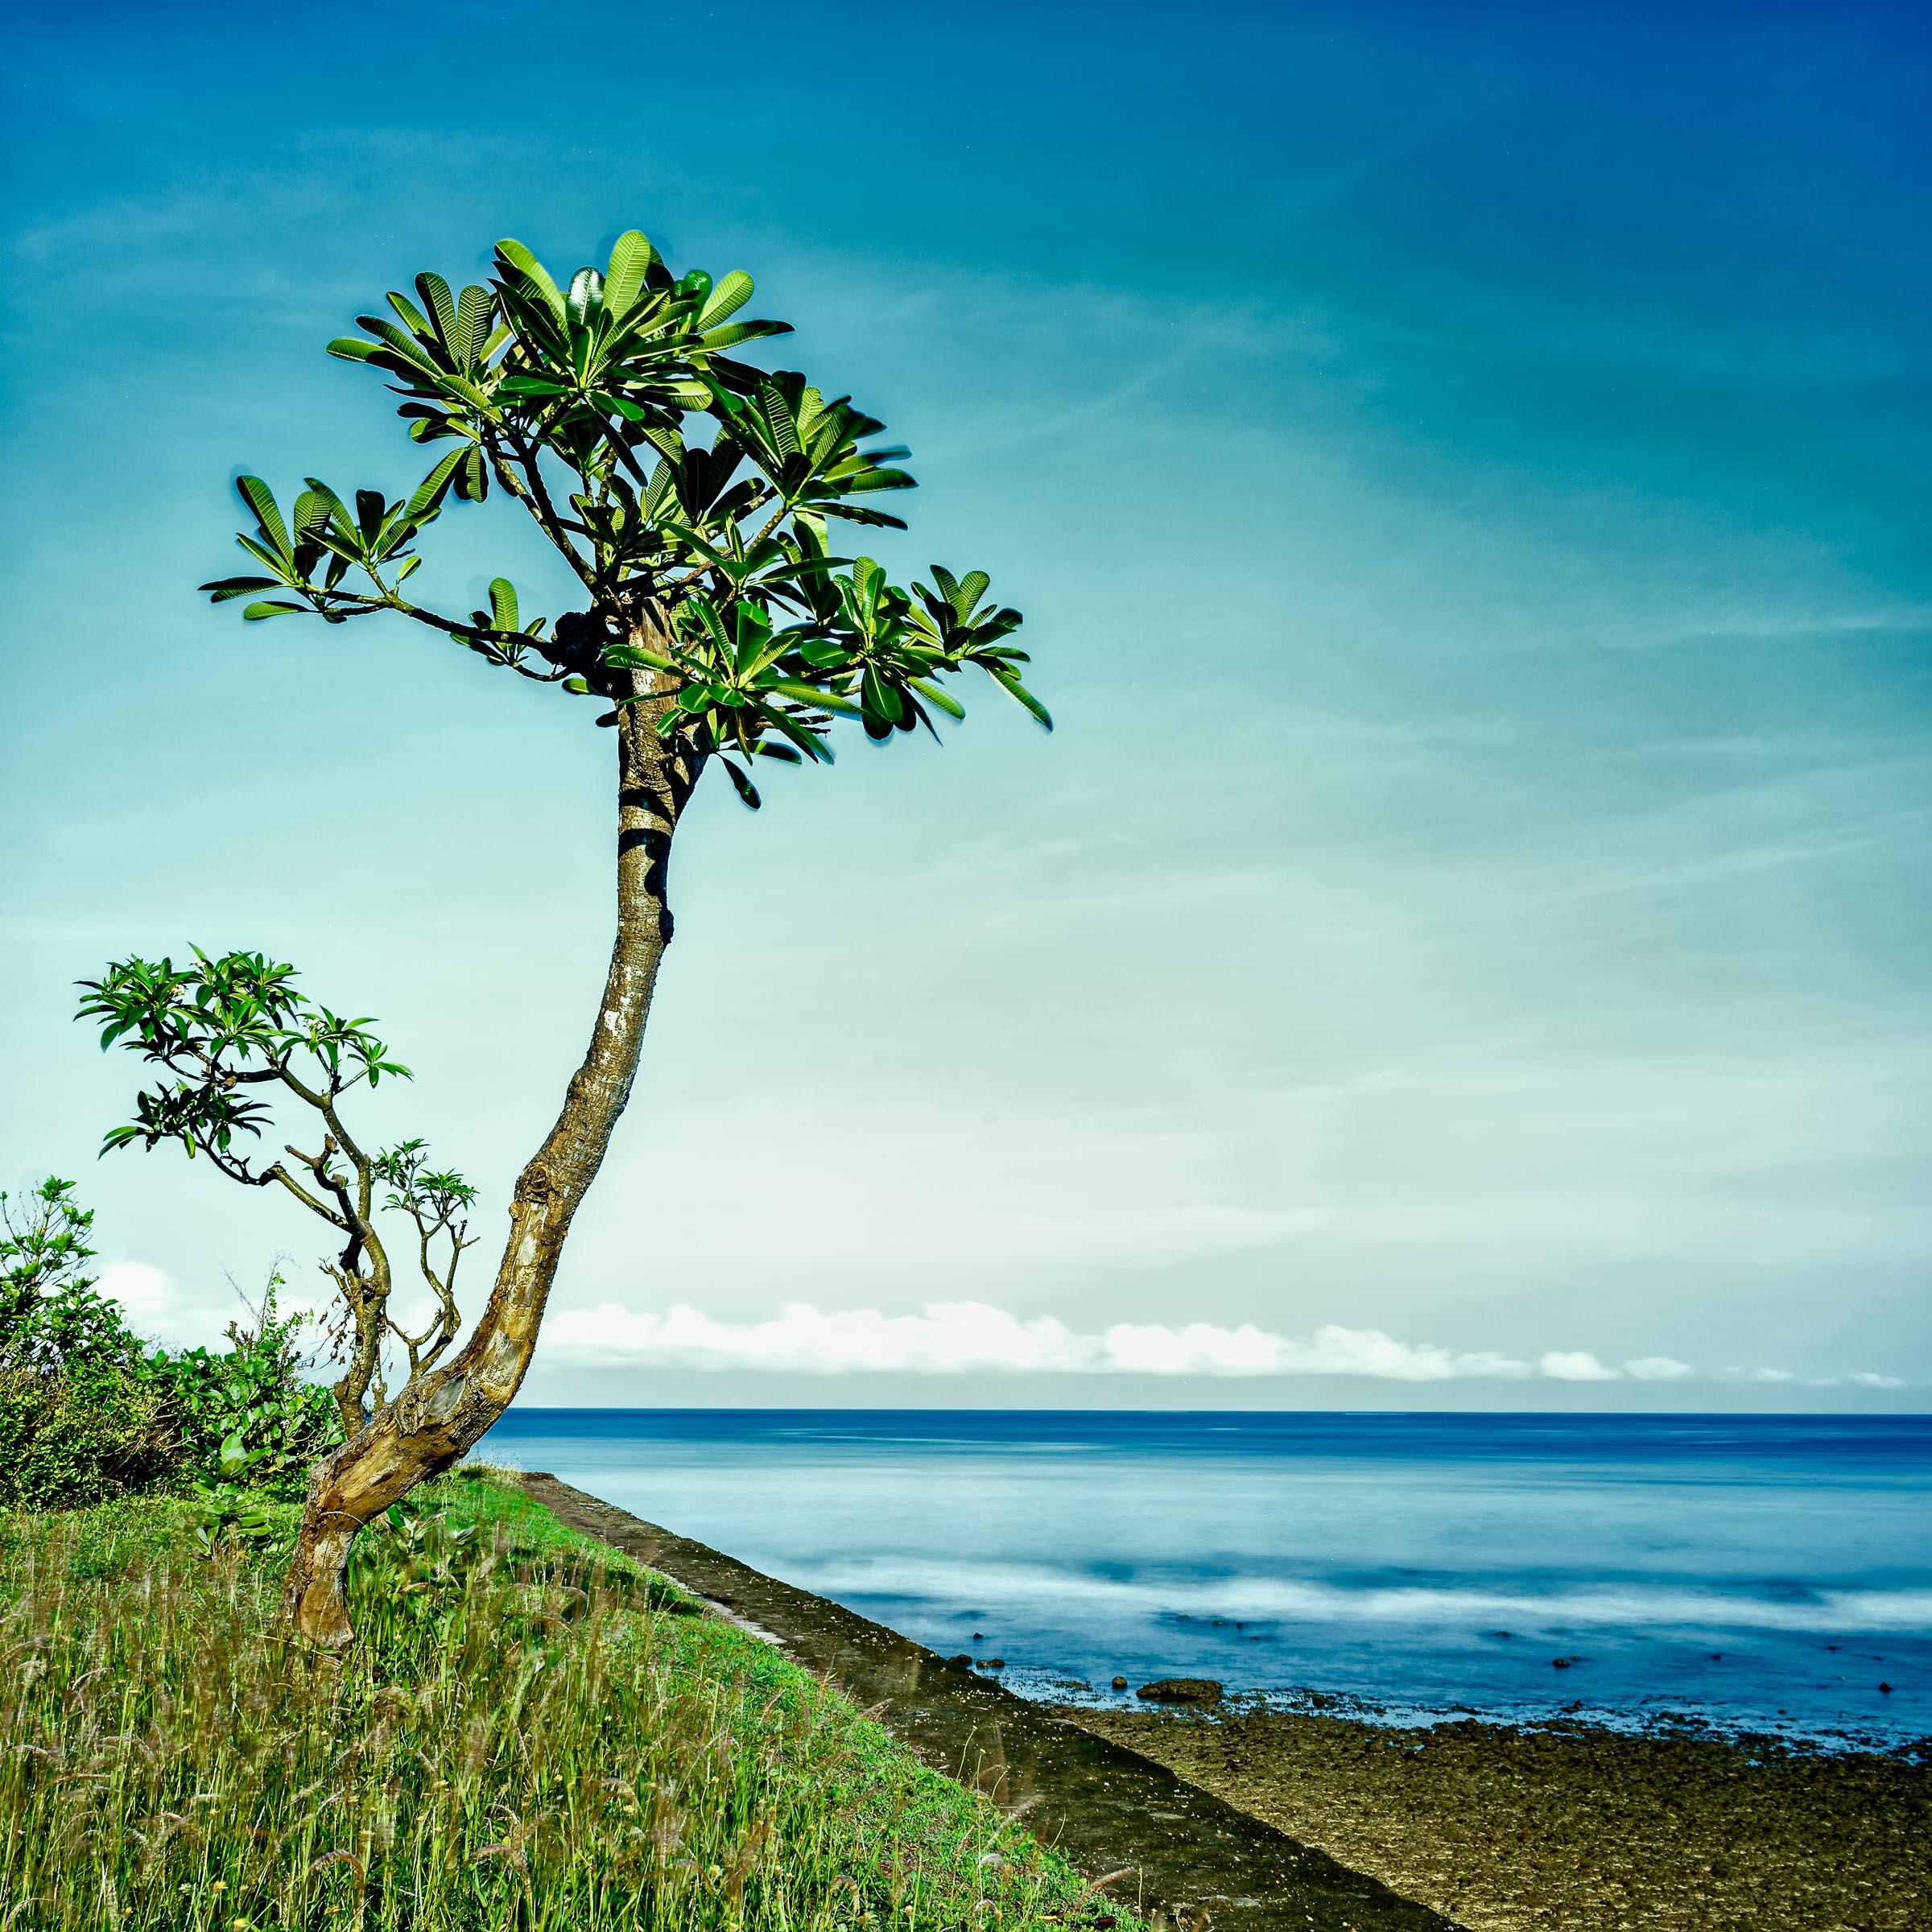 Senggigi Lombok - Iksa Menajang